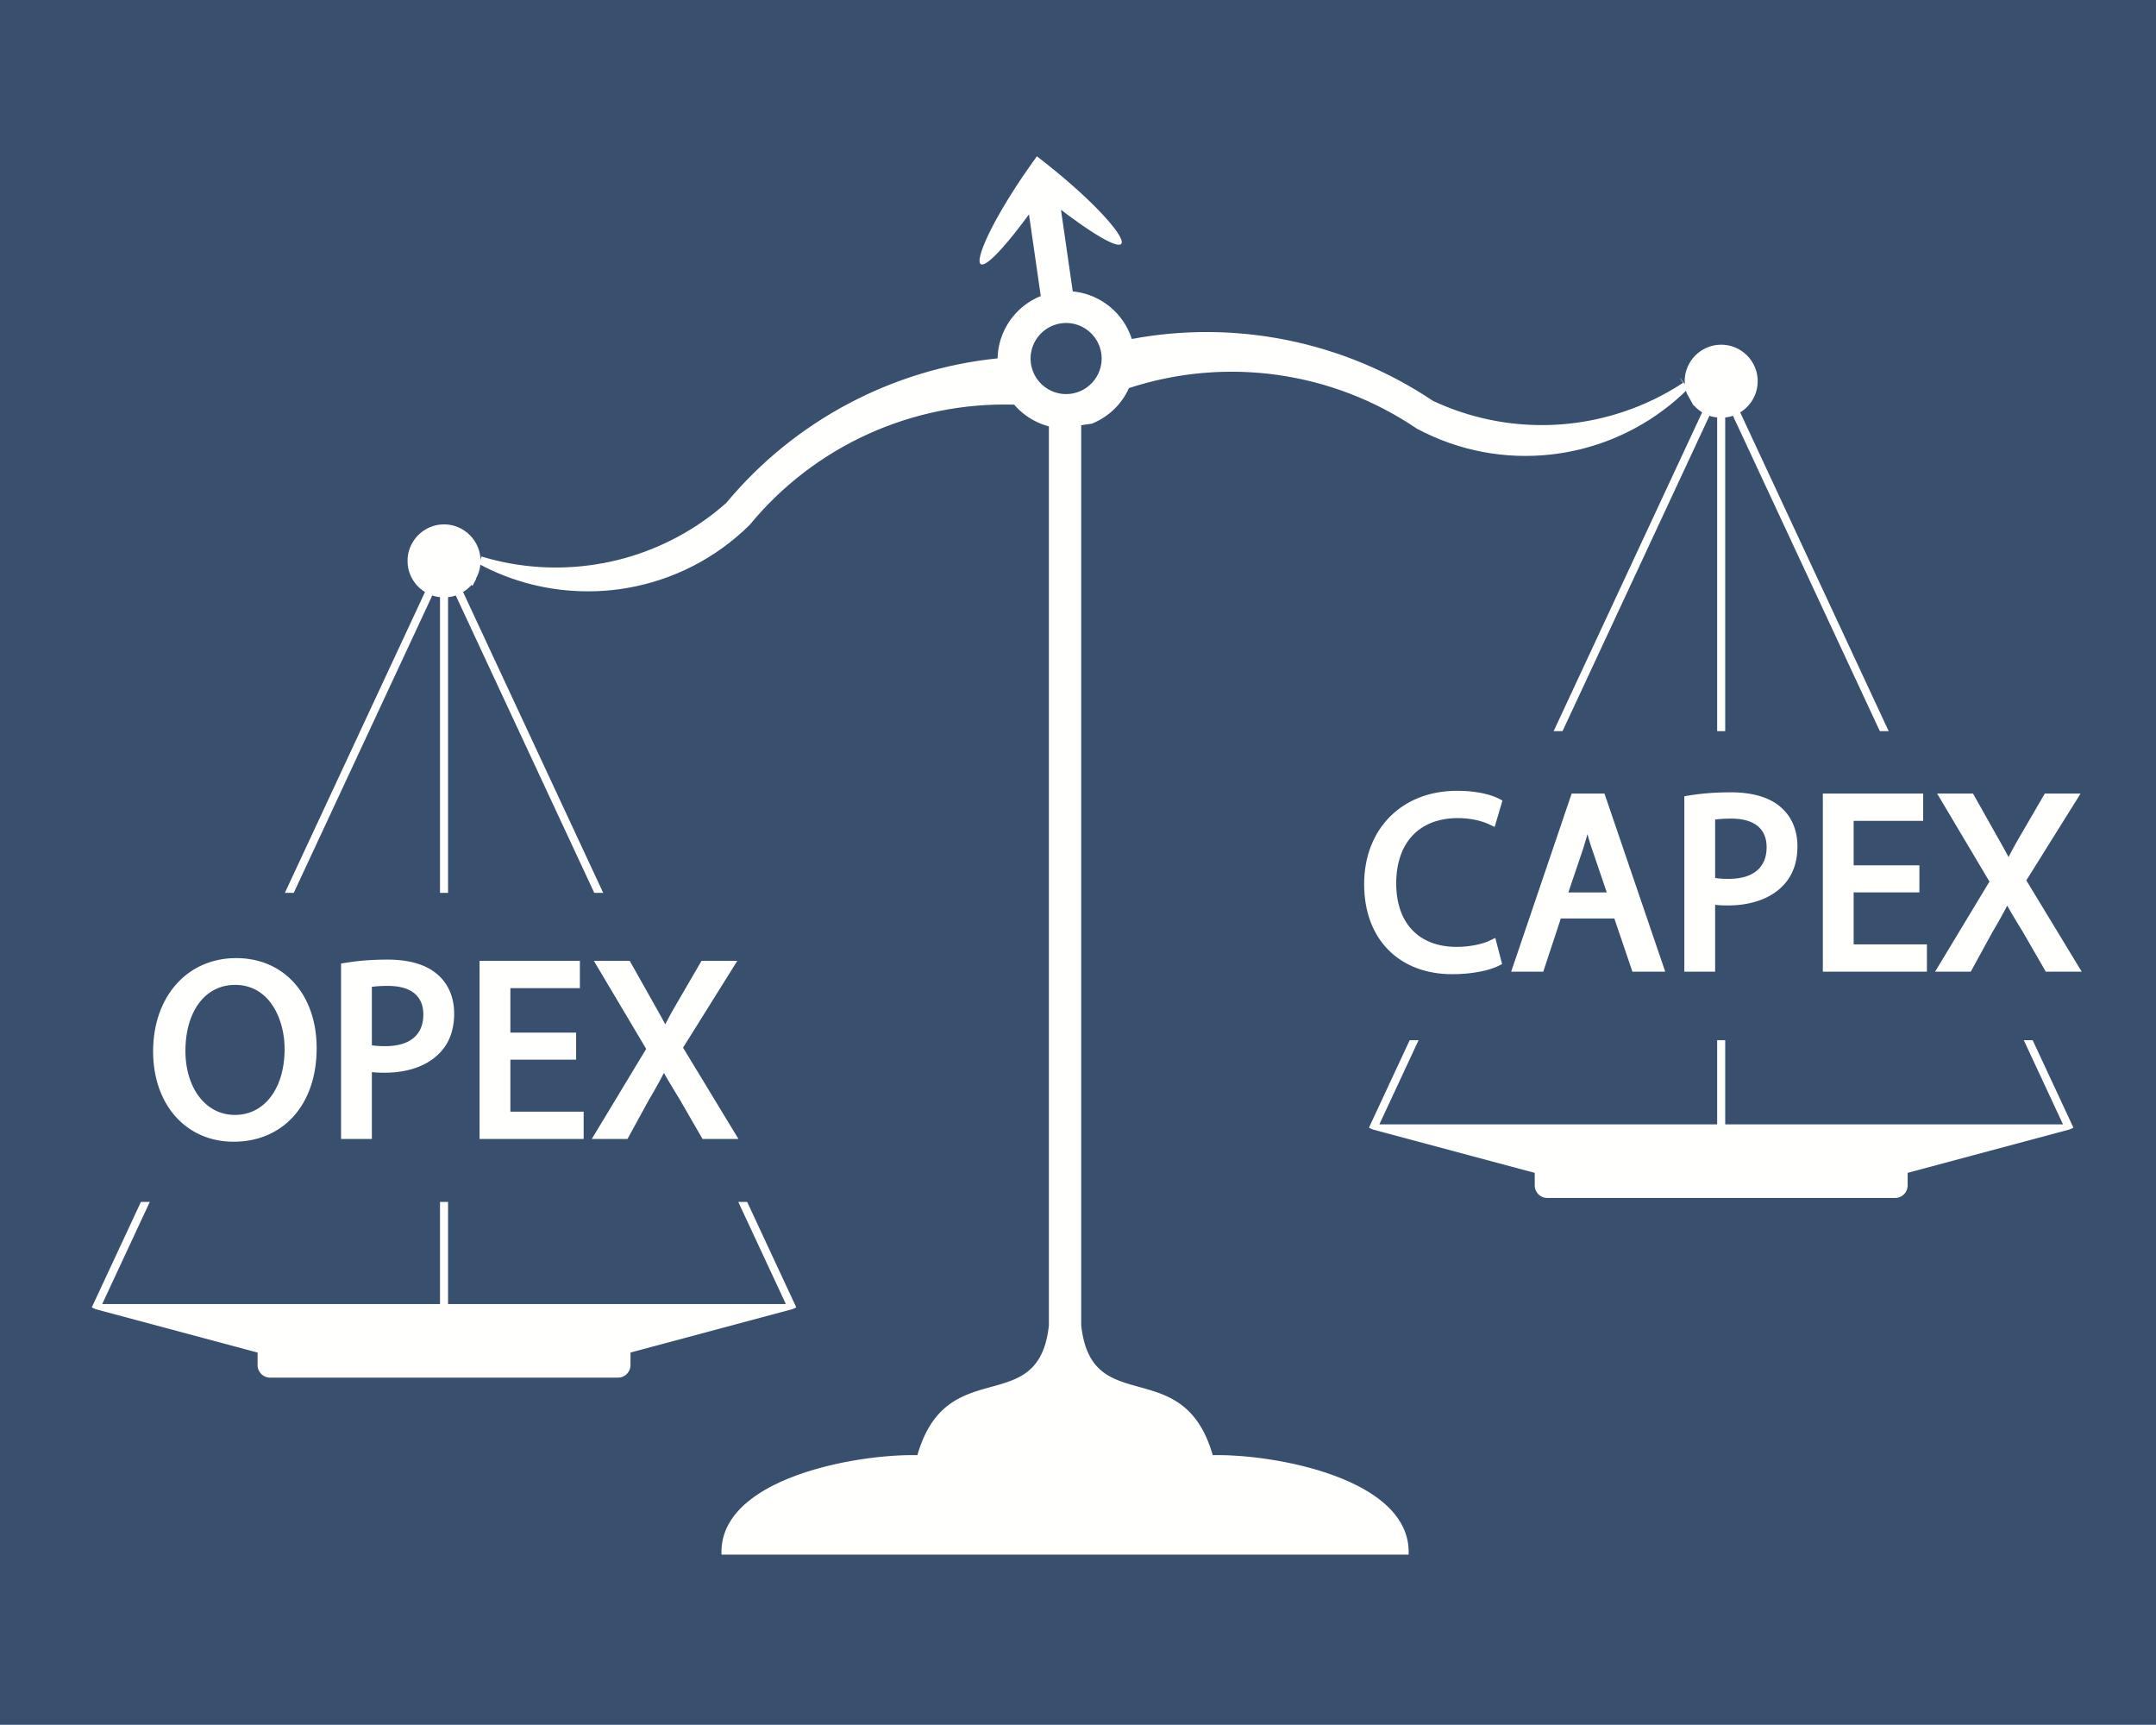 CapEx or OpEx